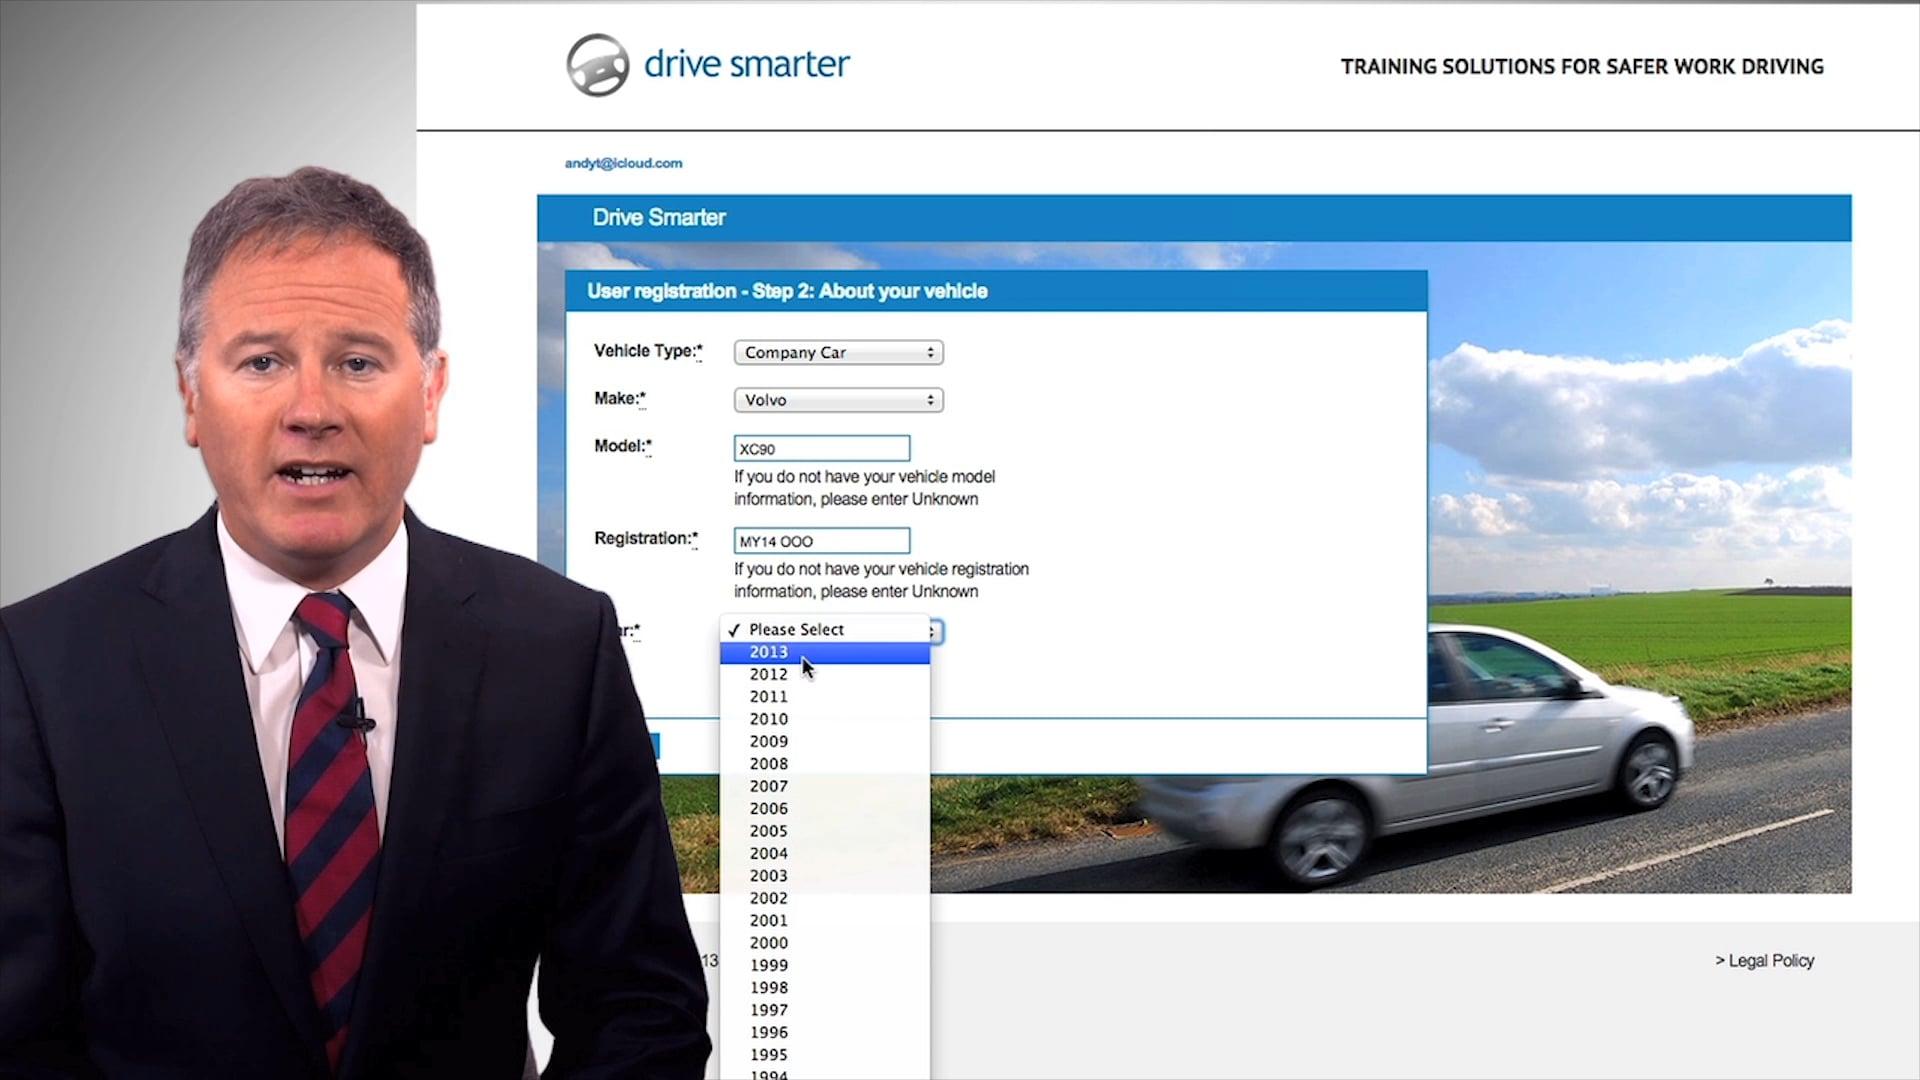 DRIVE SMARTER RISK PROFILE